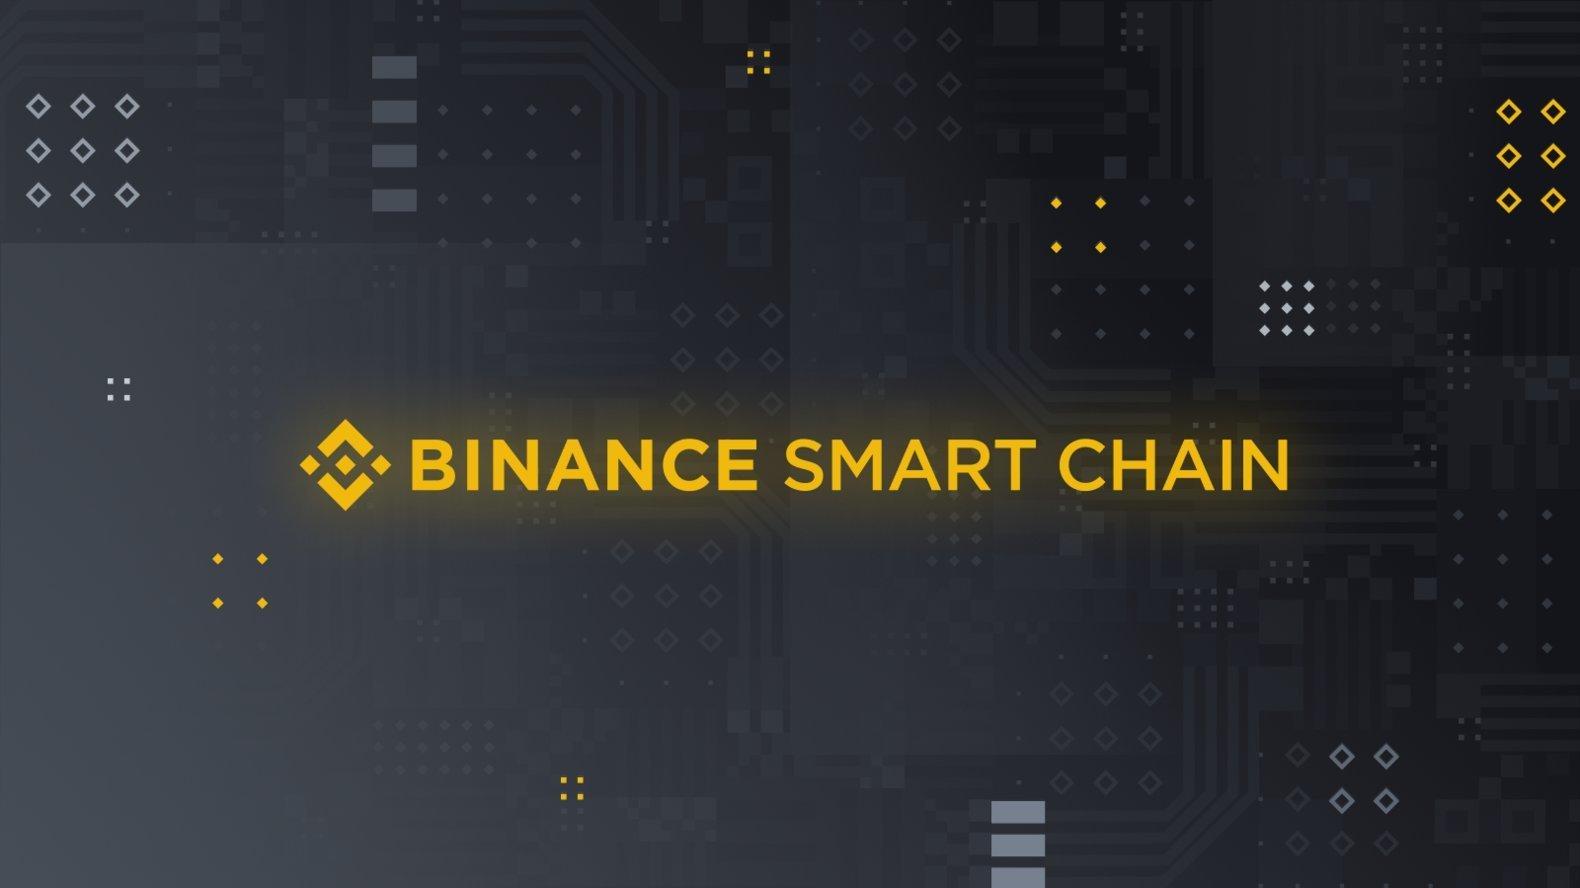 Binance Smart Chain (BSC) là một blockchain của Binance với smart contract.